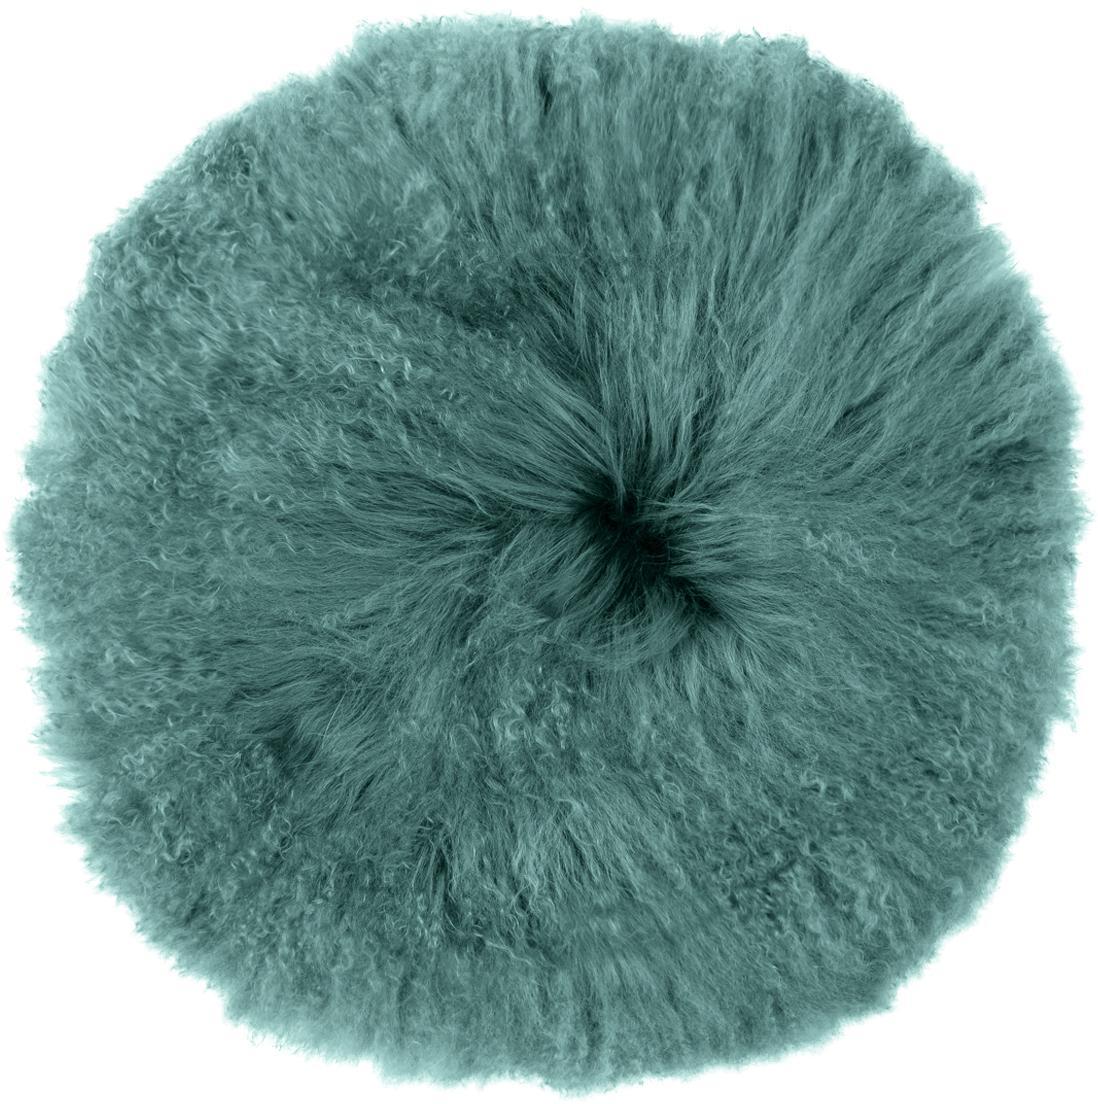 Cojín de asiento en piel de cordero Ella, Parte delantera: 100%piel de cordero de M, Reverso: 100%poliéster, Turquesa oscuro, Ø 37 cm